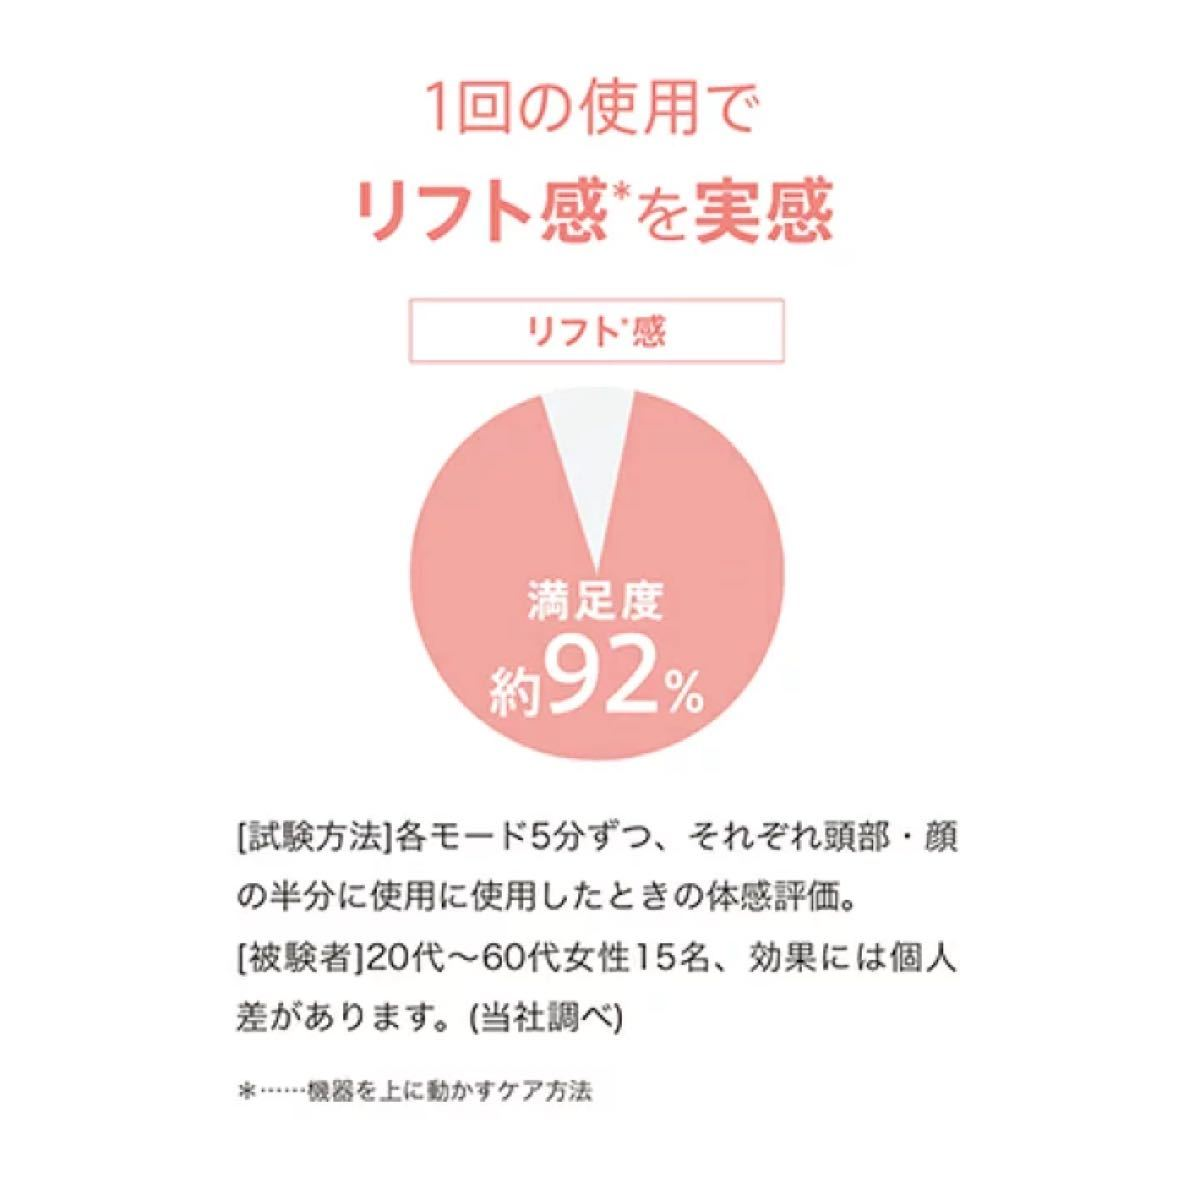 【ヤーマン公式・新品】ミーゼ スカルプリフト